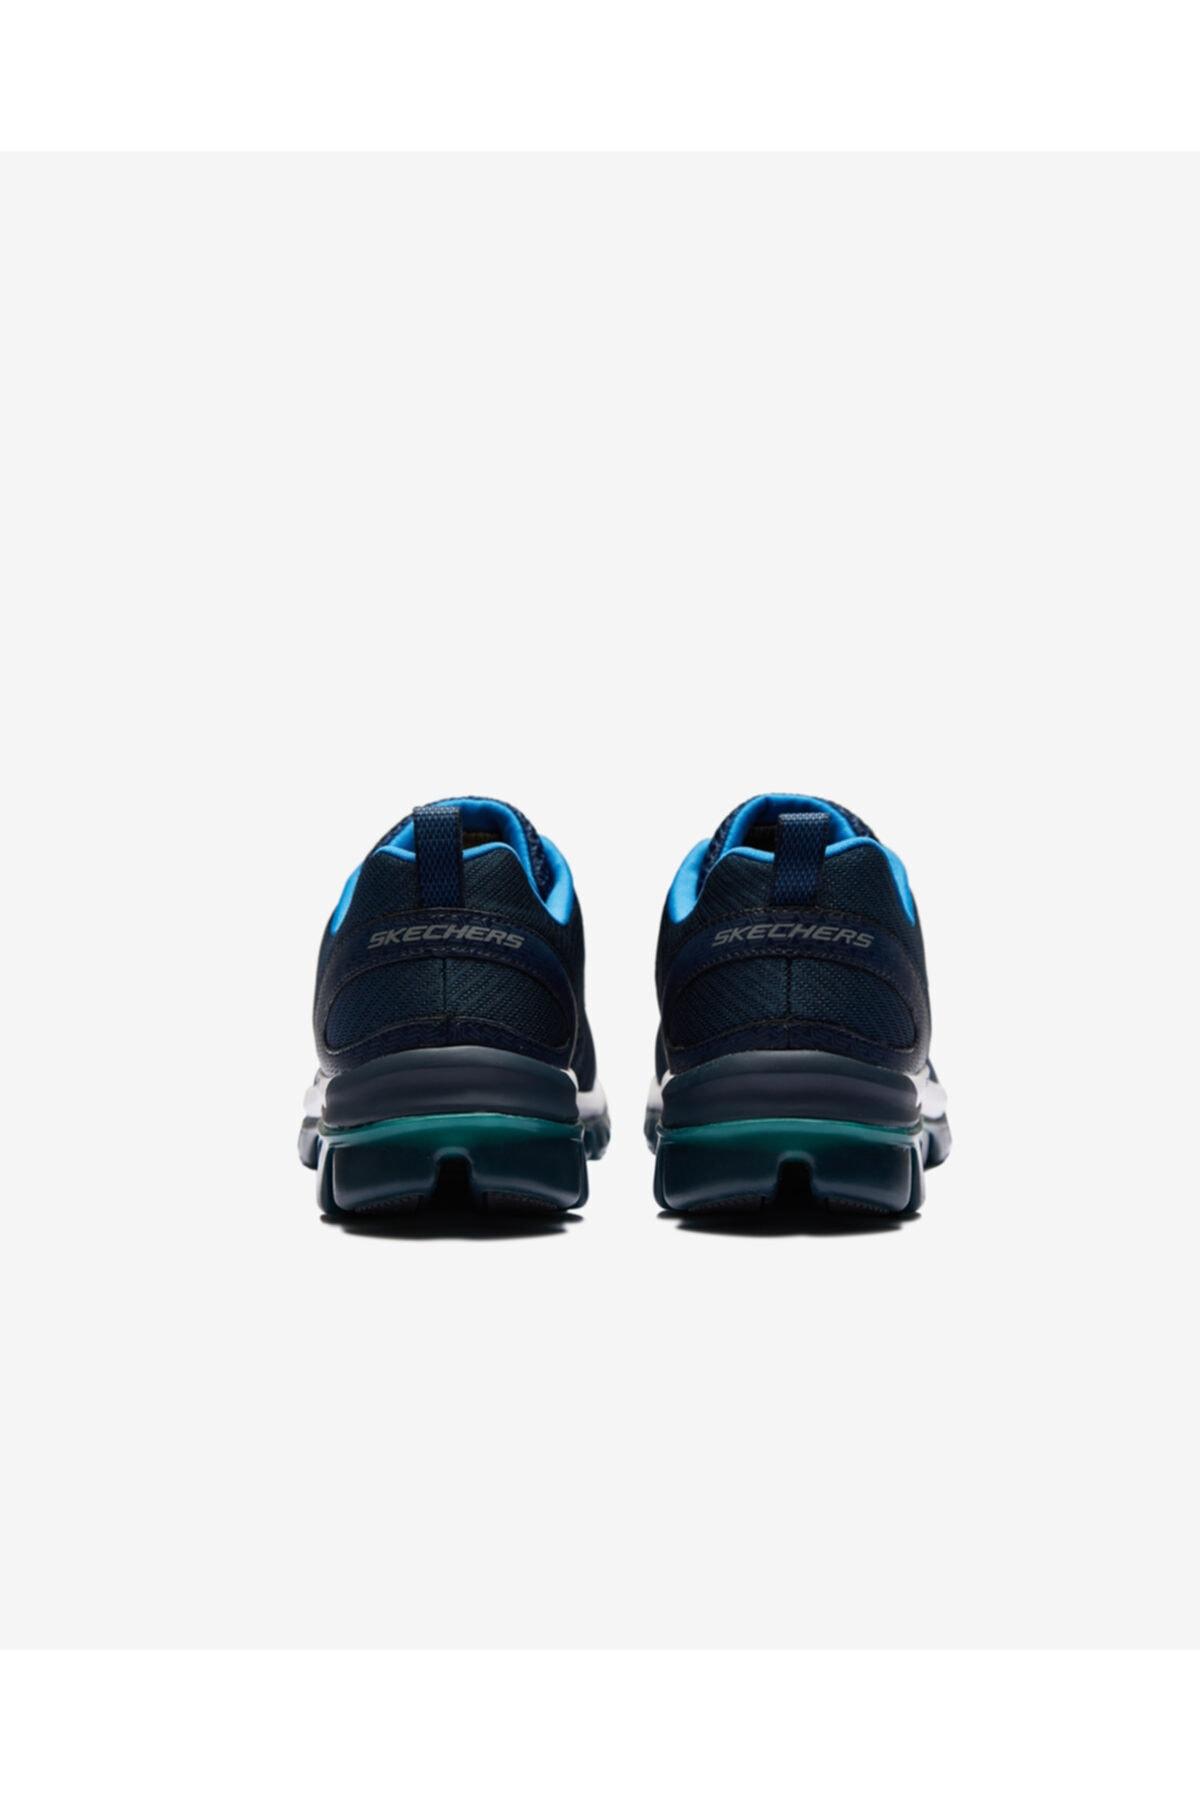 Skechers SKECH-AIR 2.0- ZERO GRAVITY Erkek Lacivert Spor Ayakkabı